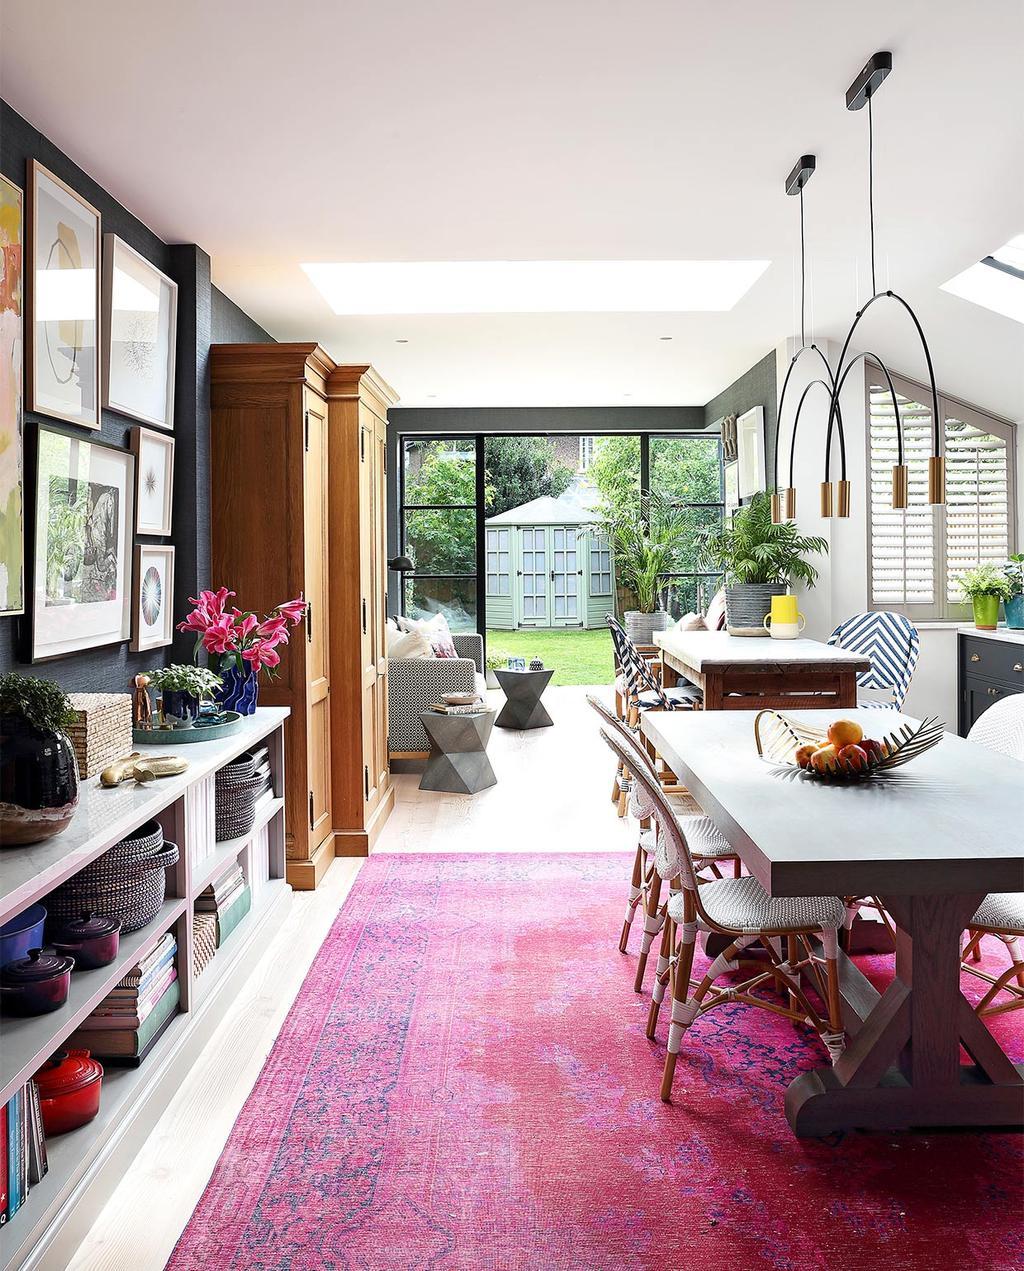 vtwonen casas especiais de verão 07-2021 |  tapete grande com mesa de jantar e lâmpadas suspensas